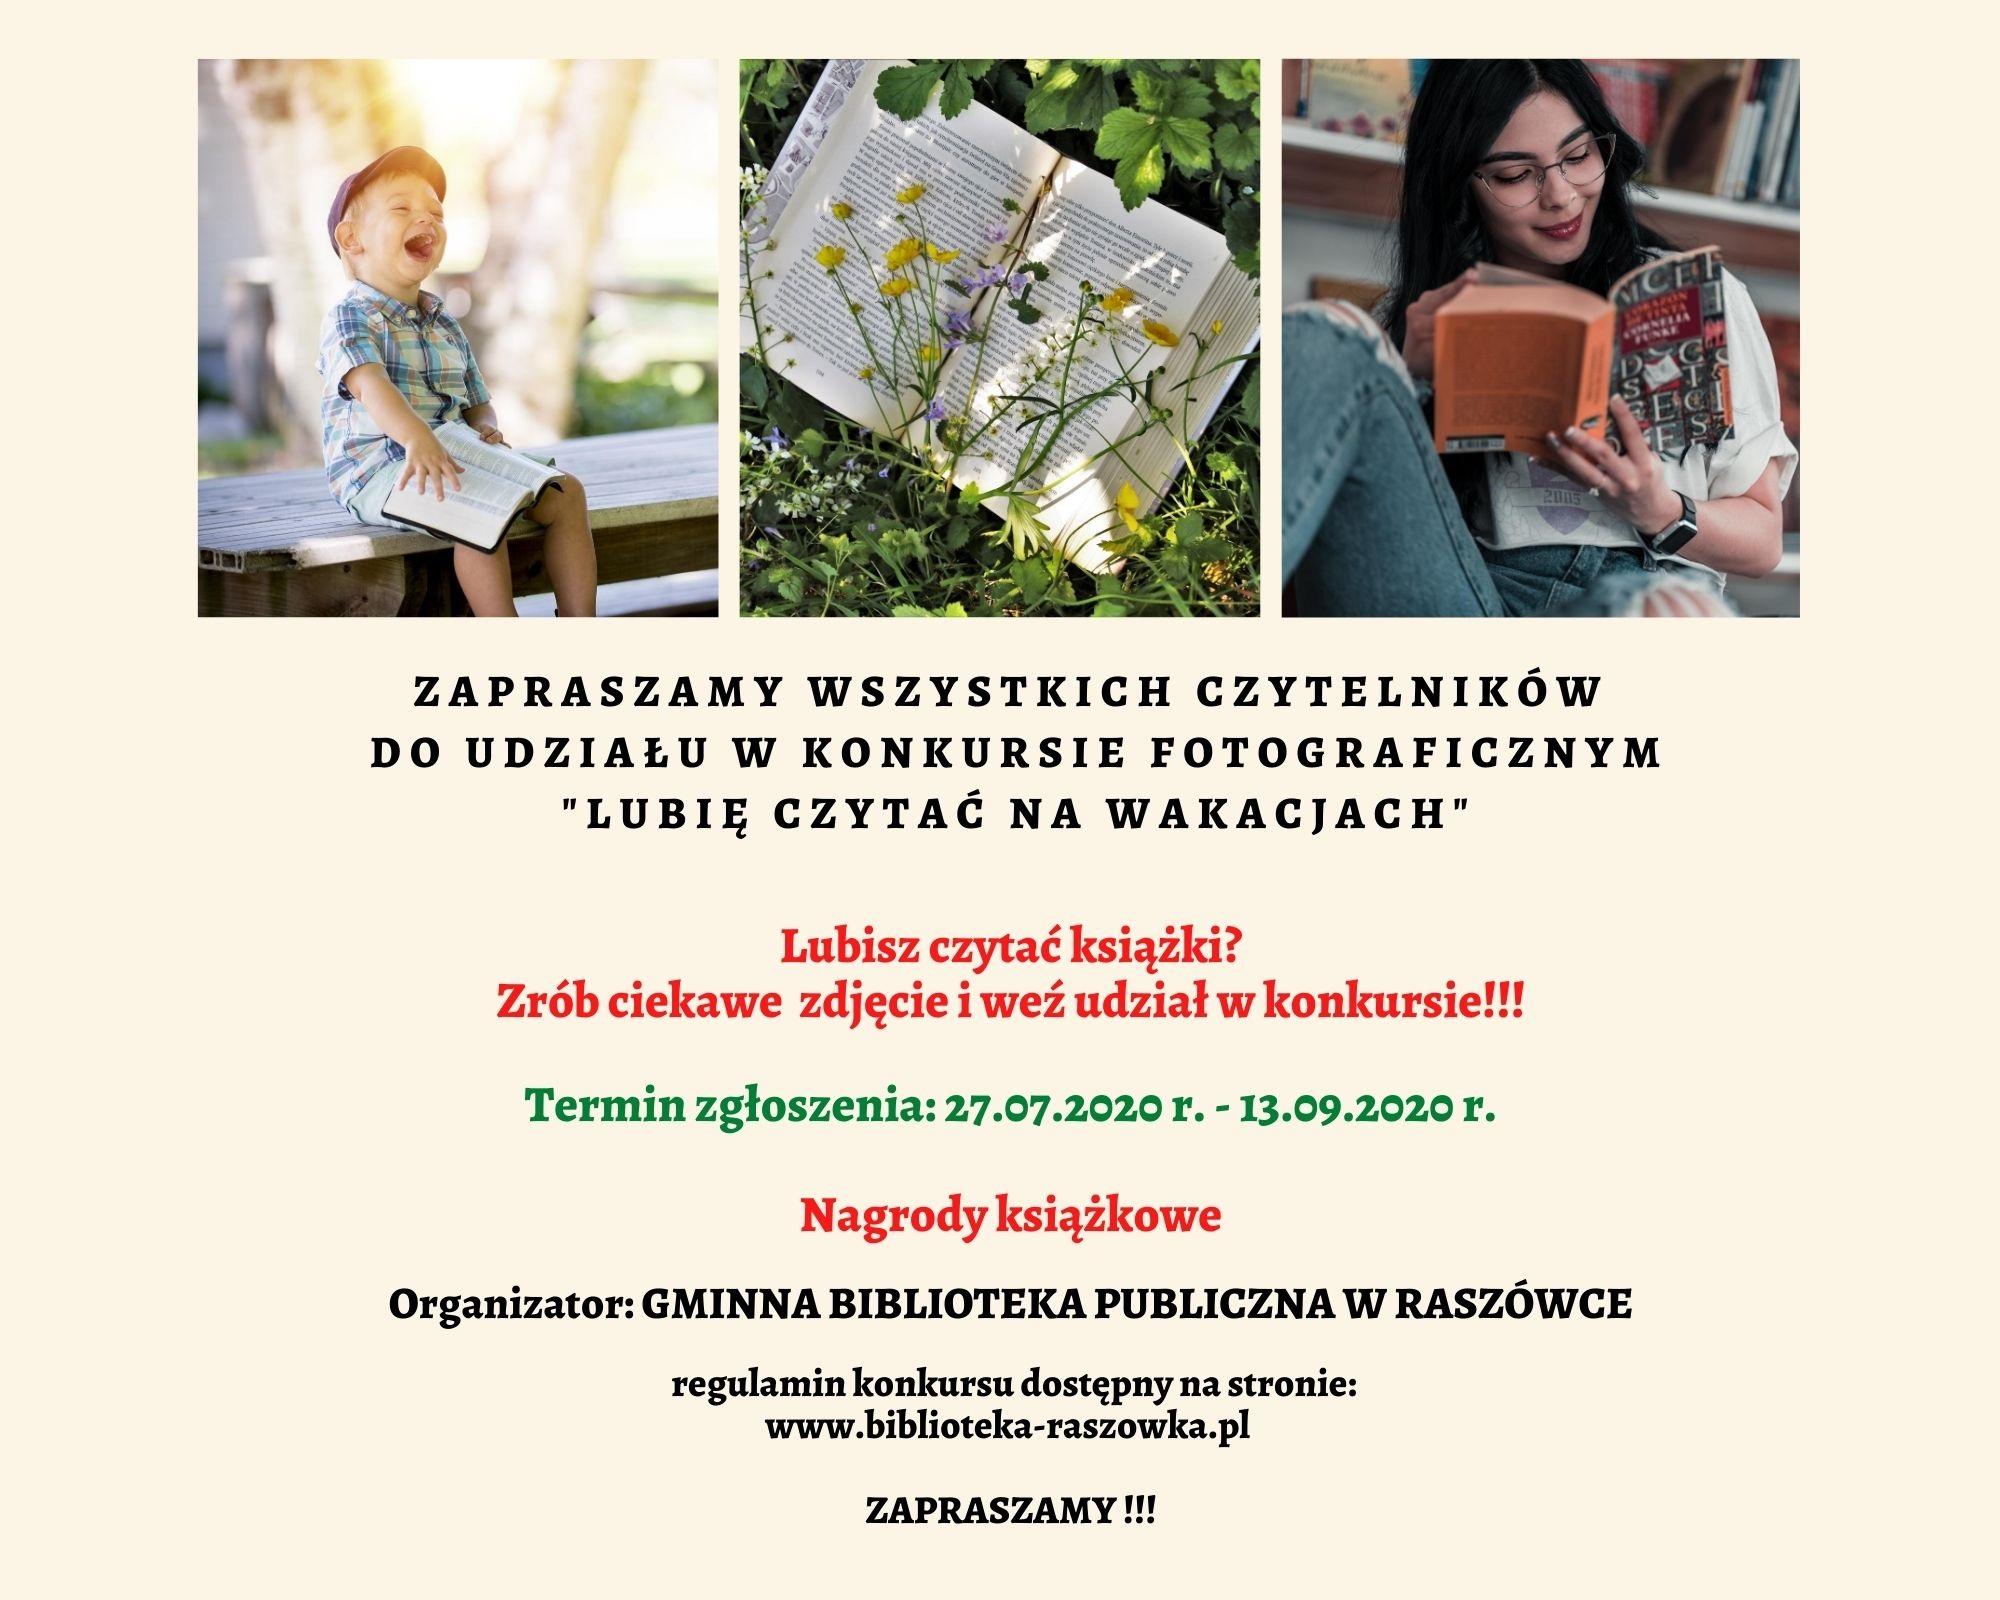 Fotka z książką